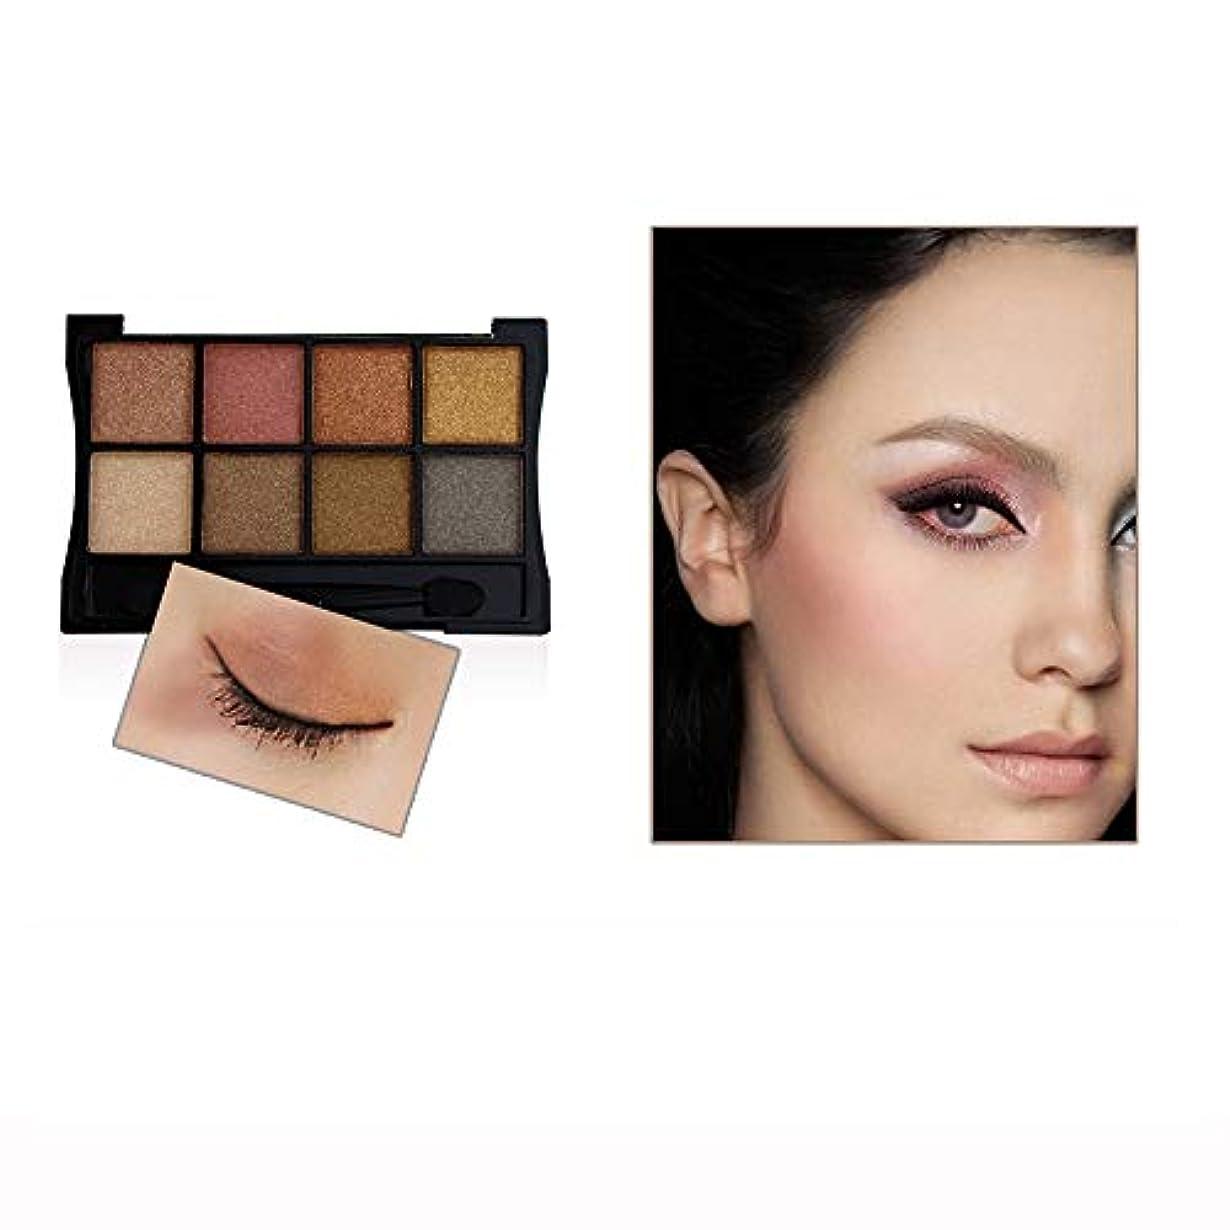 スノーケル自慢裁判所Akane アイシャドウパレット BOUB ファッション 魅力的 スモーキー 人気 綺麗 マット チャーム つや消し 長持ち おしゃれ 持ち便利 日常 仕事 Eye Shadow (8色)